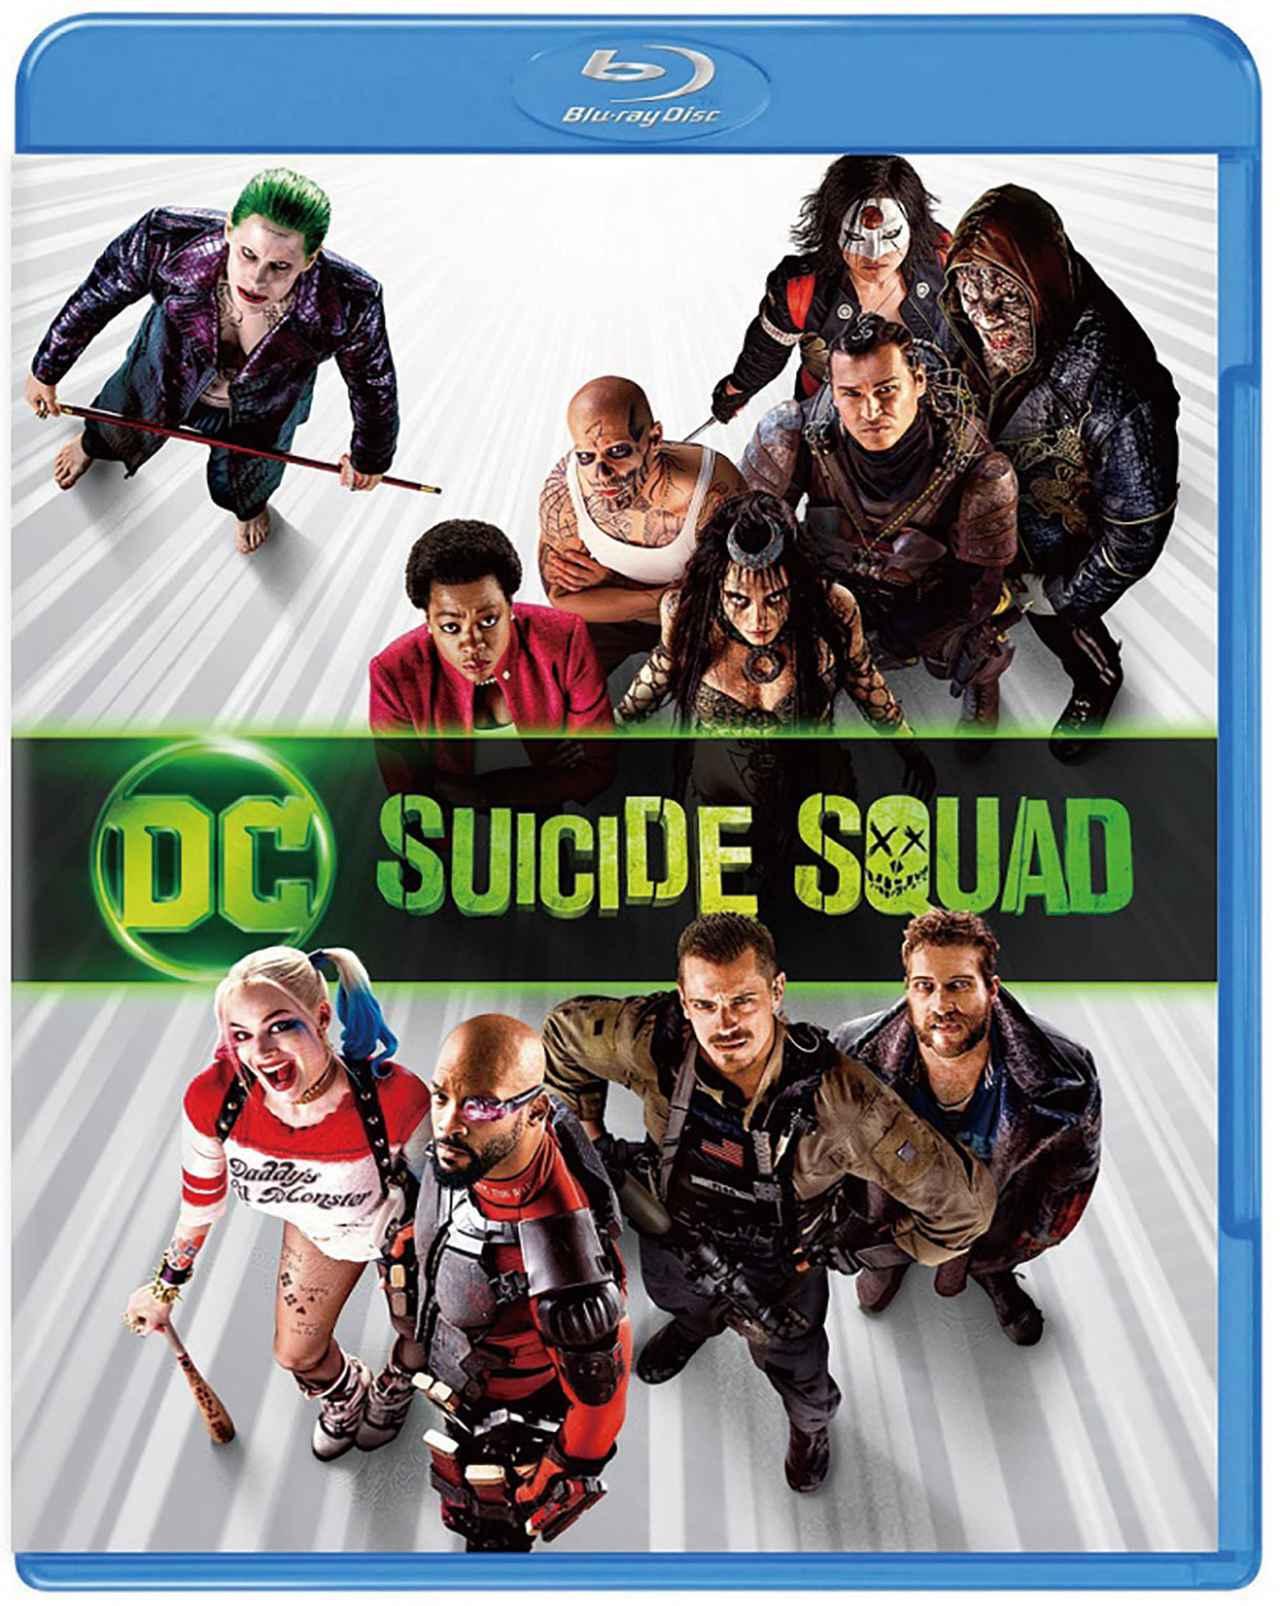 画像: 『スーサイド・スクワッド』 ブルーレイ/ DVD リリース中 ワーナー・ブラザース ホームエンターテイメント SUICIDE SQUAD and all related characters and elements are trademarks of and © DC Comics.© 2016 Warner Bros. Entertainment Inc. and Ratpac-Dune Entertainment LLC. All rights reserved.